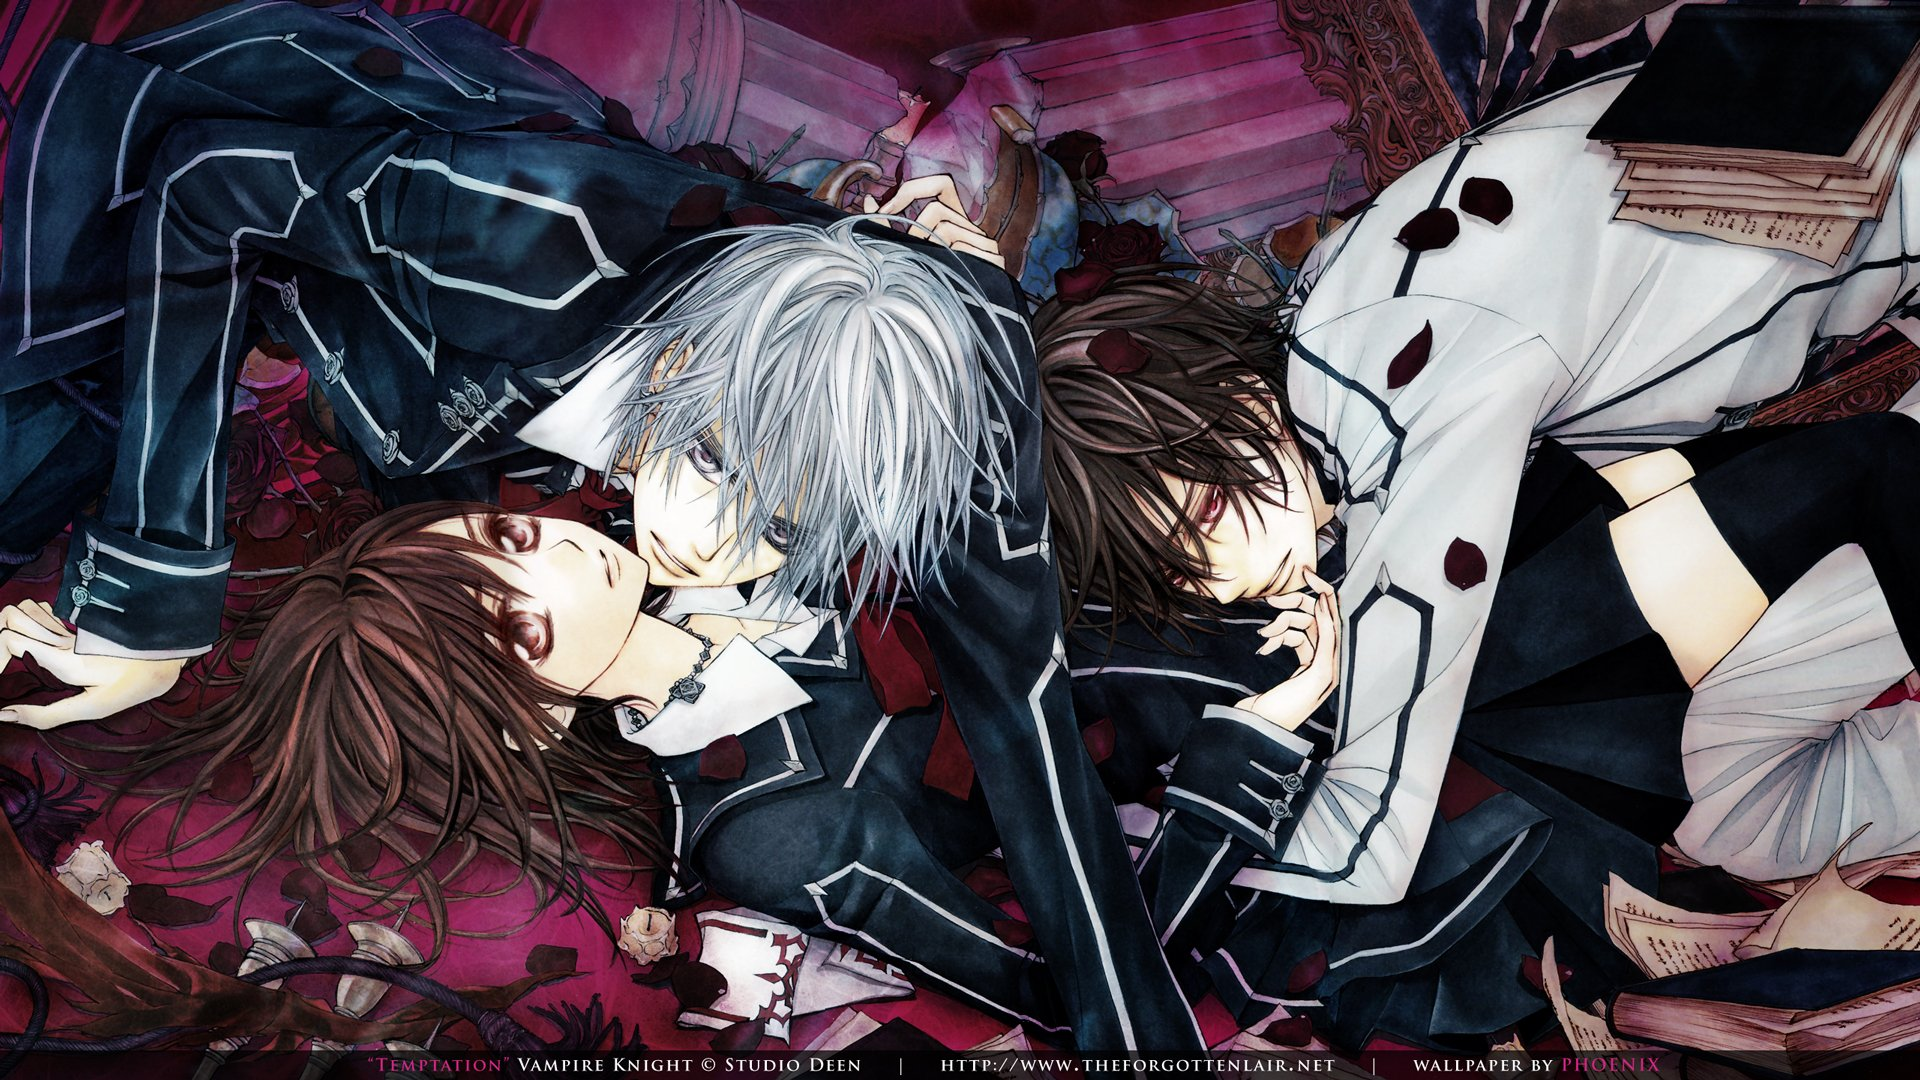 42 vampire knight hd wallpaper on wallpapersafari - Vampire knight anime wallpaper ...